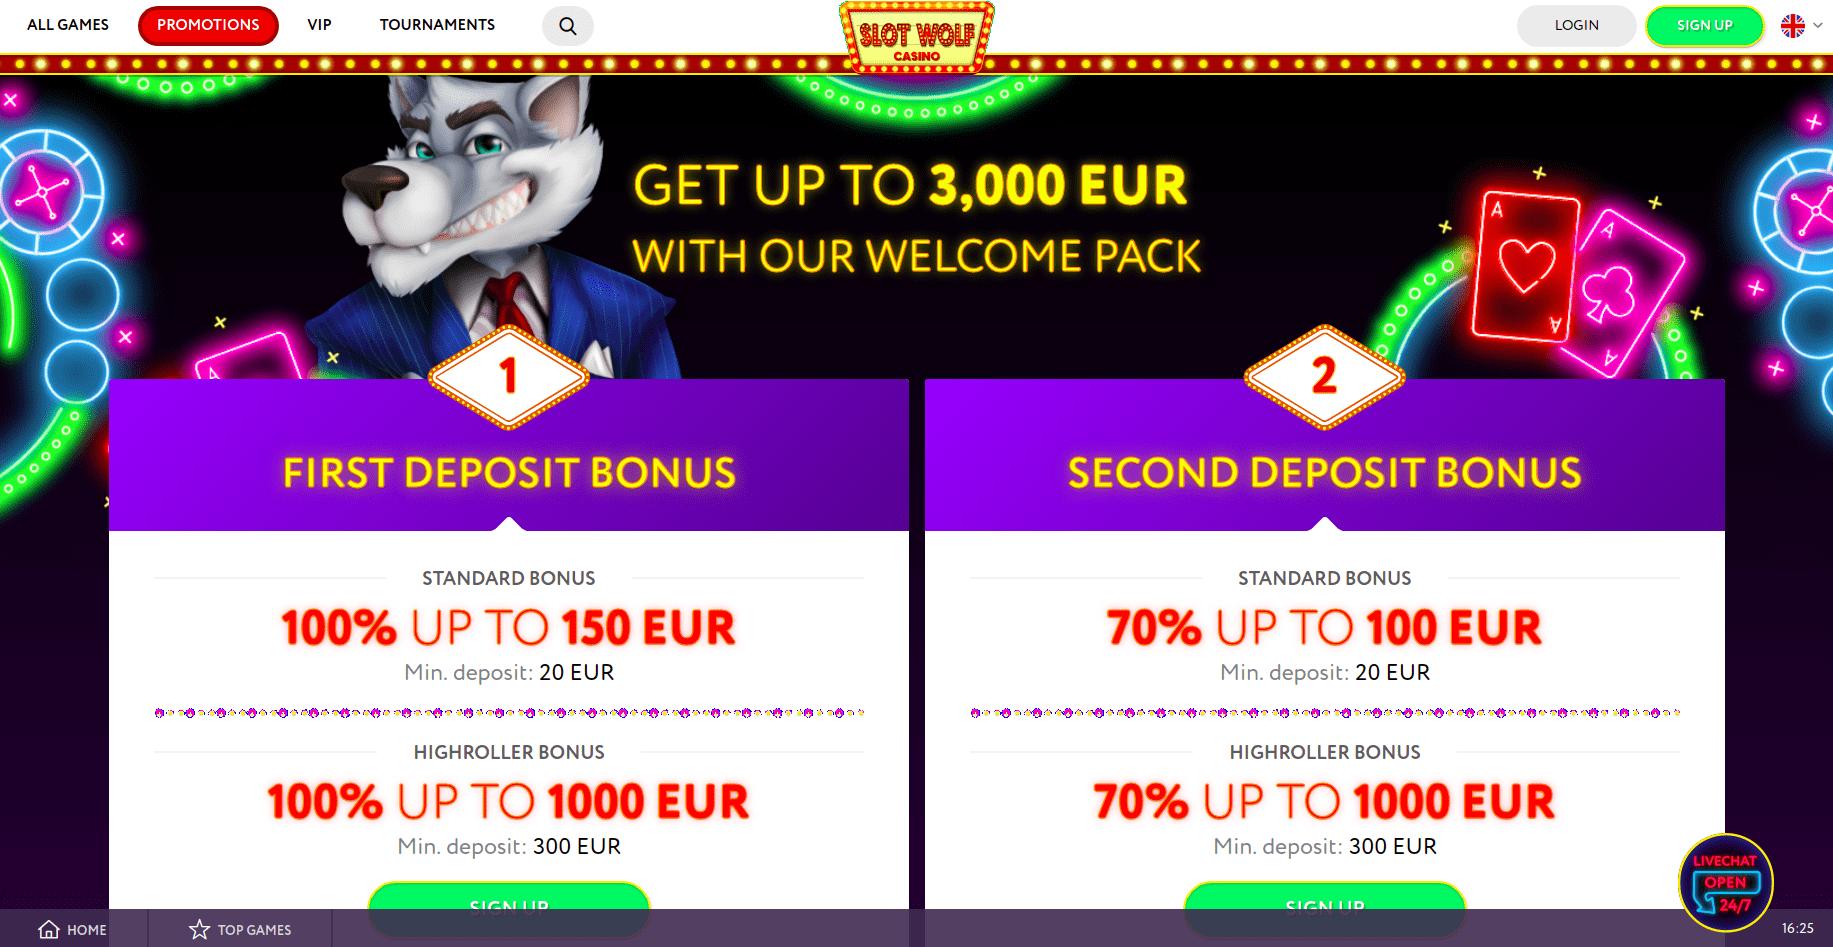 Slotwolf Bonus Page Desktop